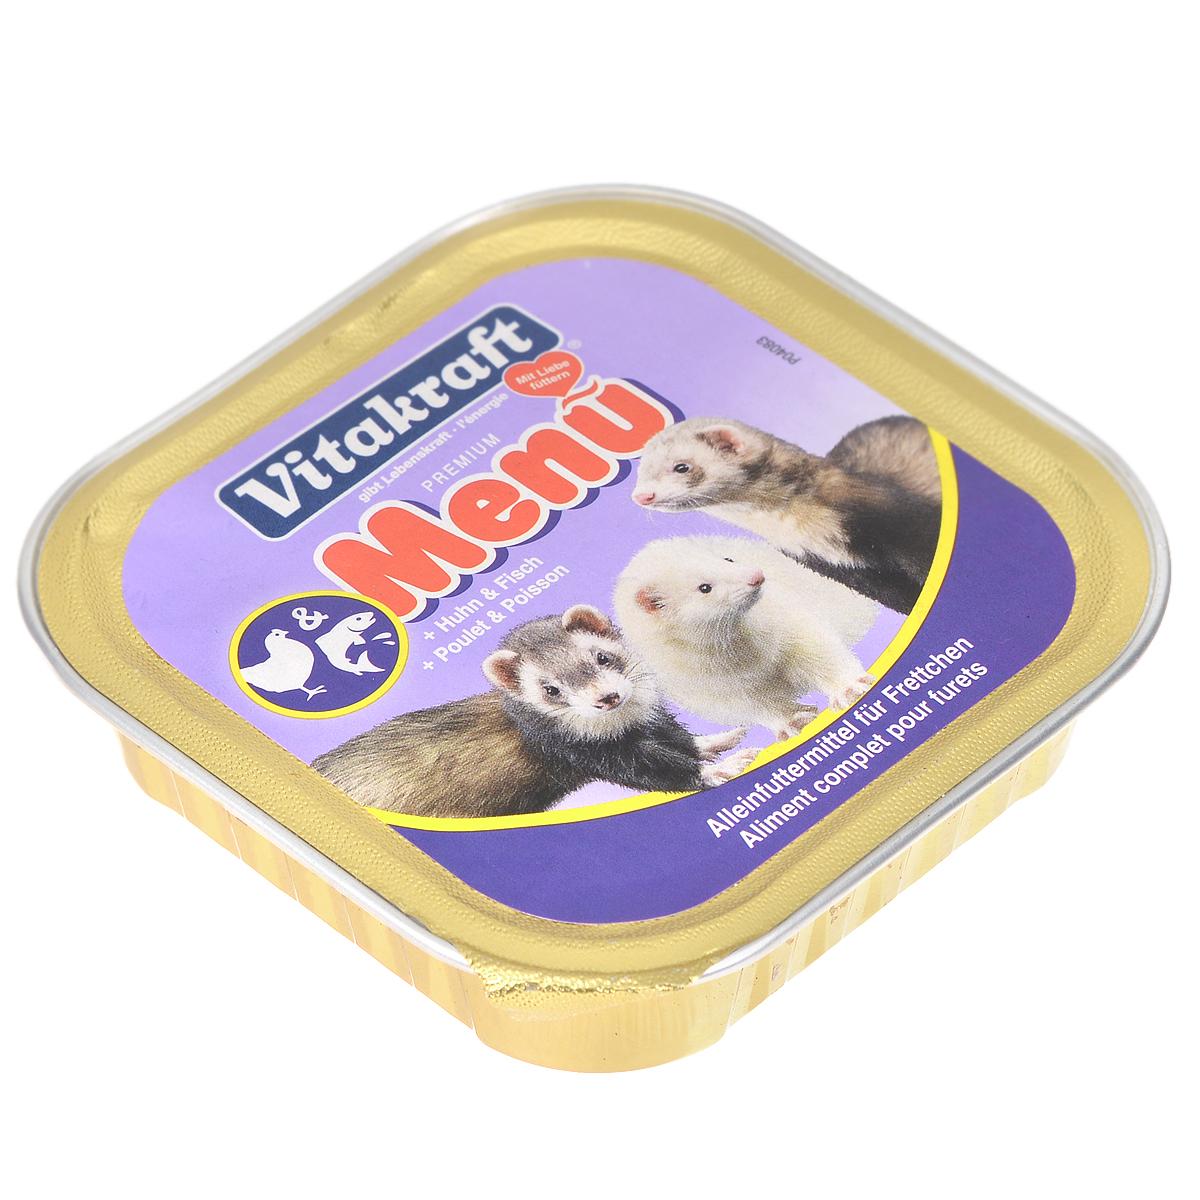 Консервы для хорьков Vitakraft Delikatess Menu, 100 г0120710Корм Vitakraft Delikatess Menu для хорьков для ежедневного применения. В консервах содержится комплекс жирных кислот, витаминов и минералов, заботящихся о хорошем внешнем виде шерсти и кожи животного.Благодаря оптимальному содержанию витаминов, минералов и питательных веществ рацион обеспечивает организм хорька всеми ресурсами, нужными для его нормальной жизнедеятельности и хорошего здоровья.Состав: мясо и мясные субпродукты, рыба и рыбные субпродукты, минералы. Пищевая ценность: 10% протеин, 5% жир, 0,2% клетчатка, 2% зола, 0,4% кальций, 0,3% фосфор, 82% влажность. Витамины: 30 мг витамин Е. Применение: давать 1 банку в день. Вес: 100 г.